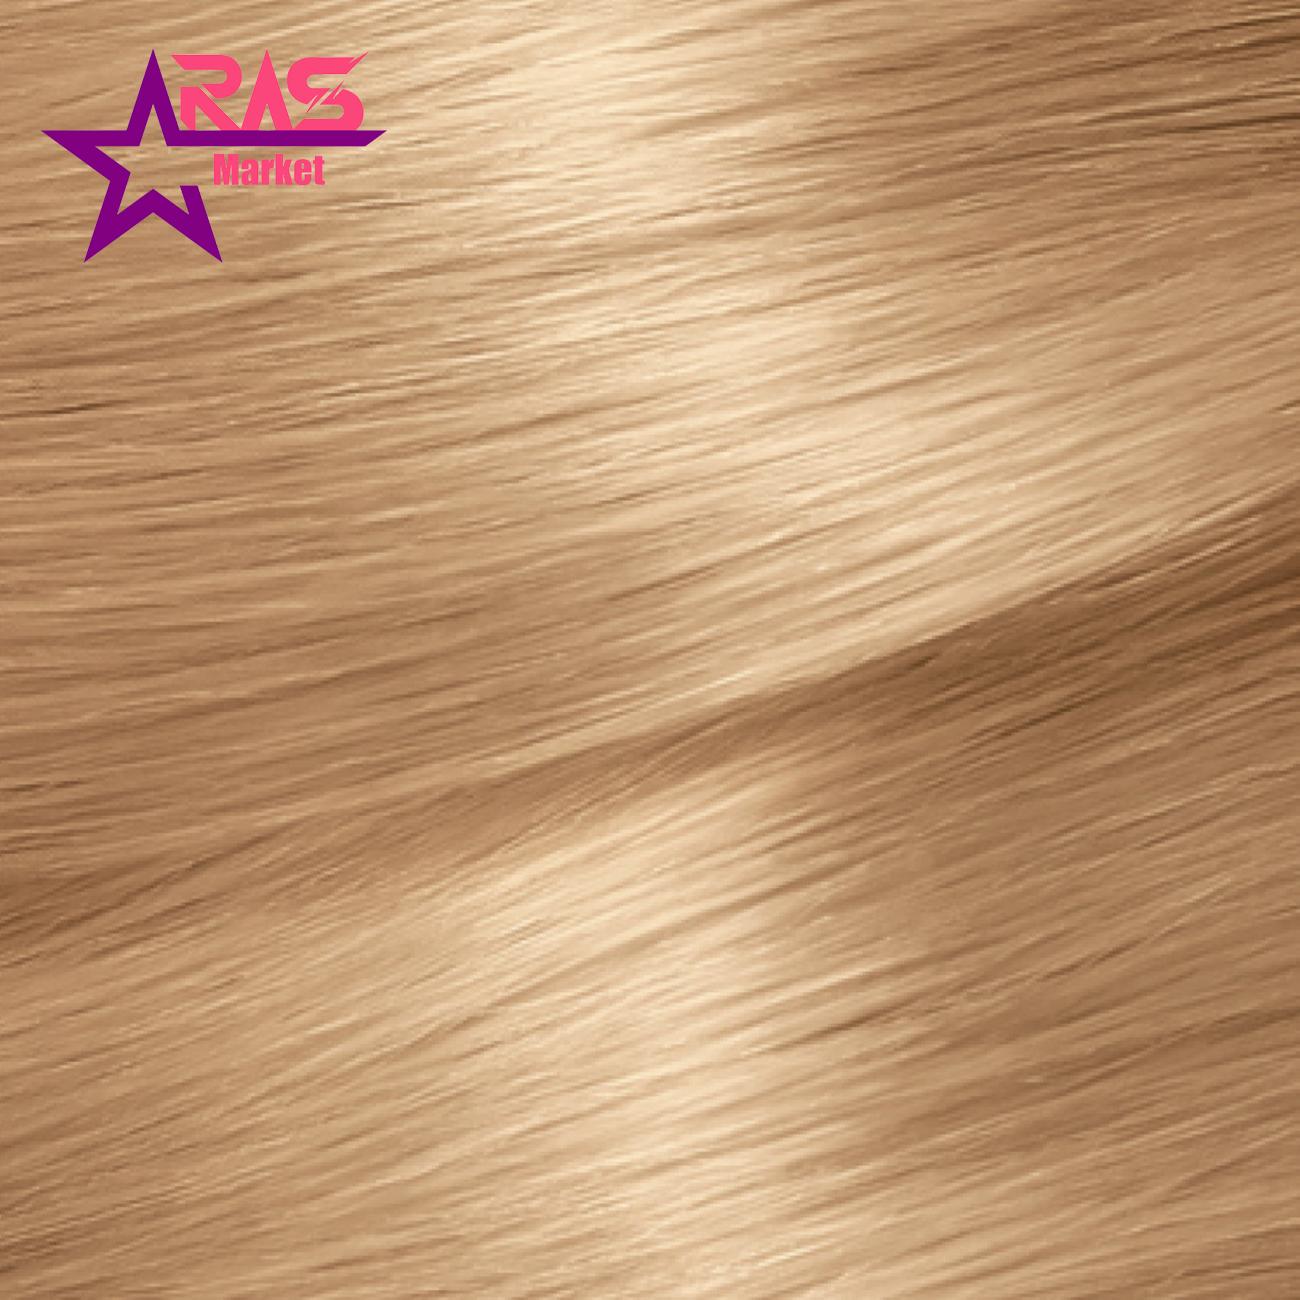 کیت رنگ مو گارنیر سری Color Naturals شماره 9 ، فروشگاه اینترنتی ارس مارکت ، رنگ مو garnier